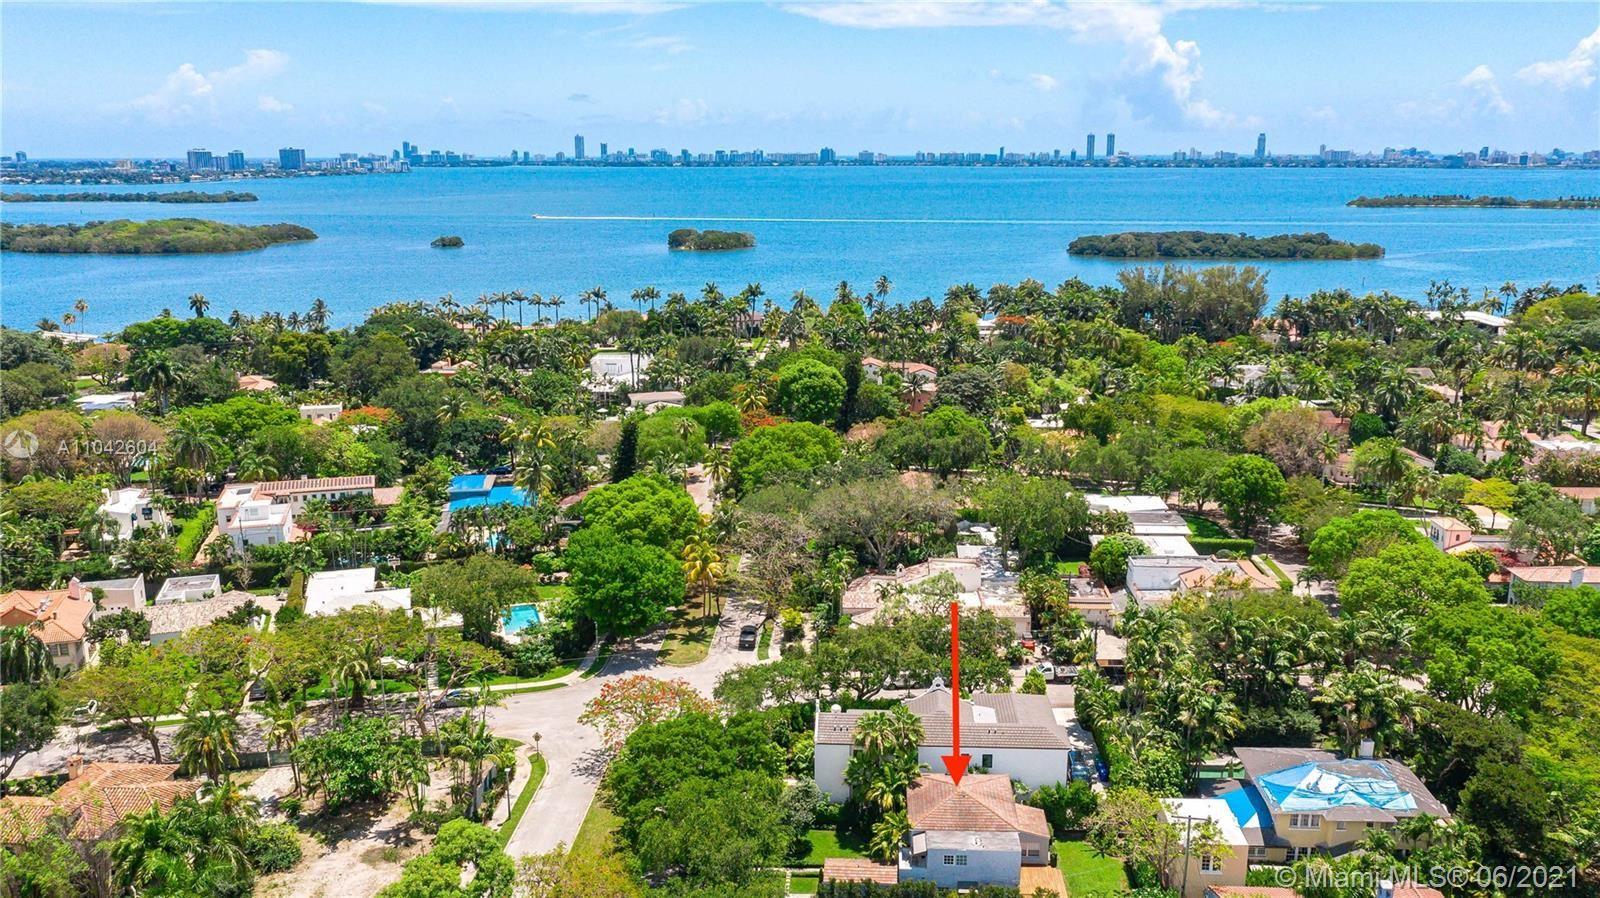 580 NE 59th St, Miami, FL 33137 - #: A11042604